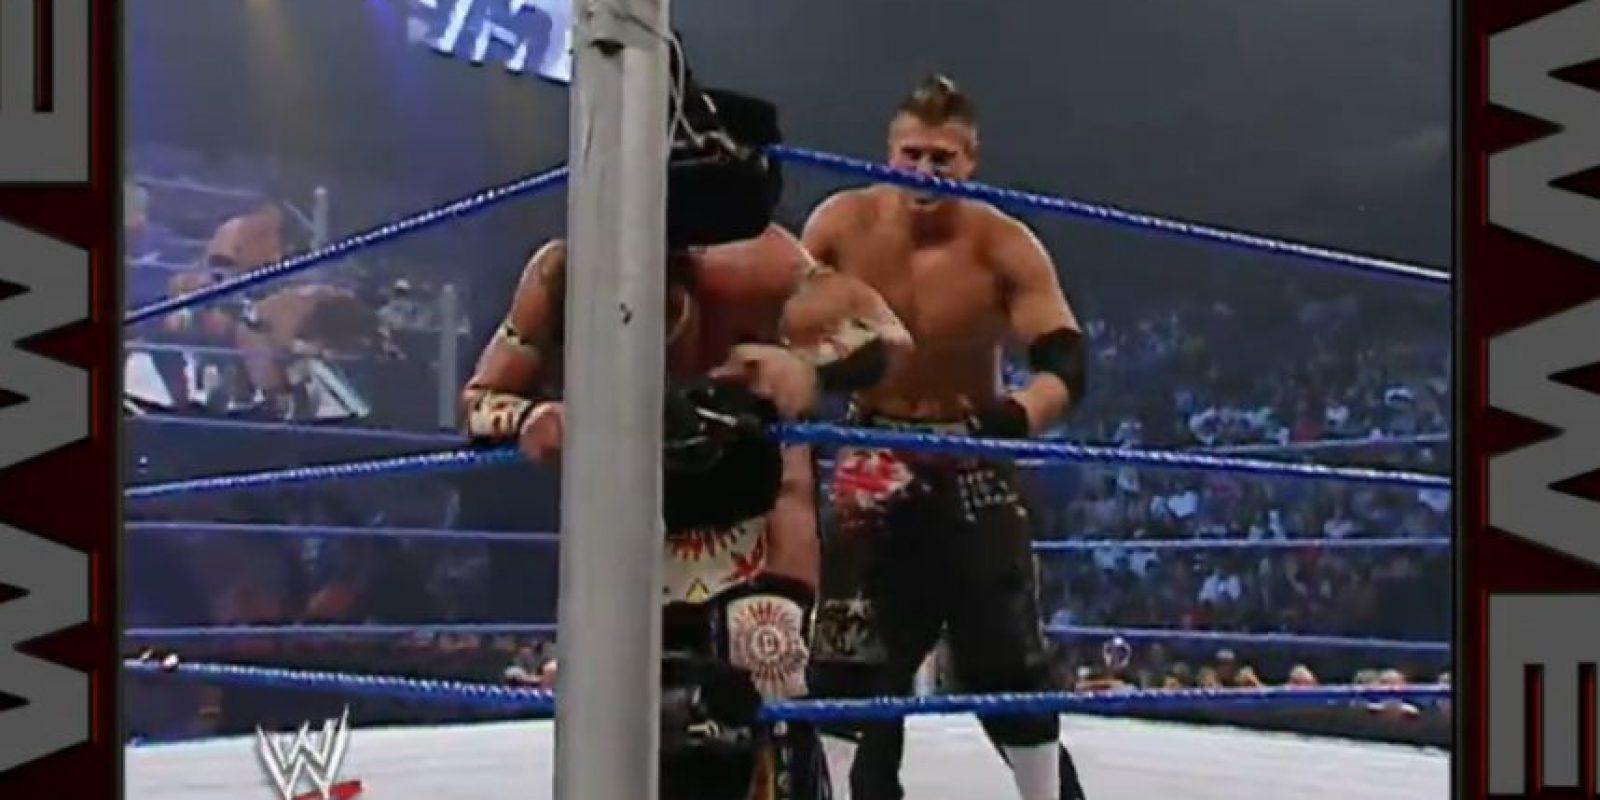 Peleó contra Tatanka, el 1 de septiembre de 2006 Foto:WWE